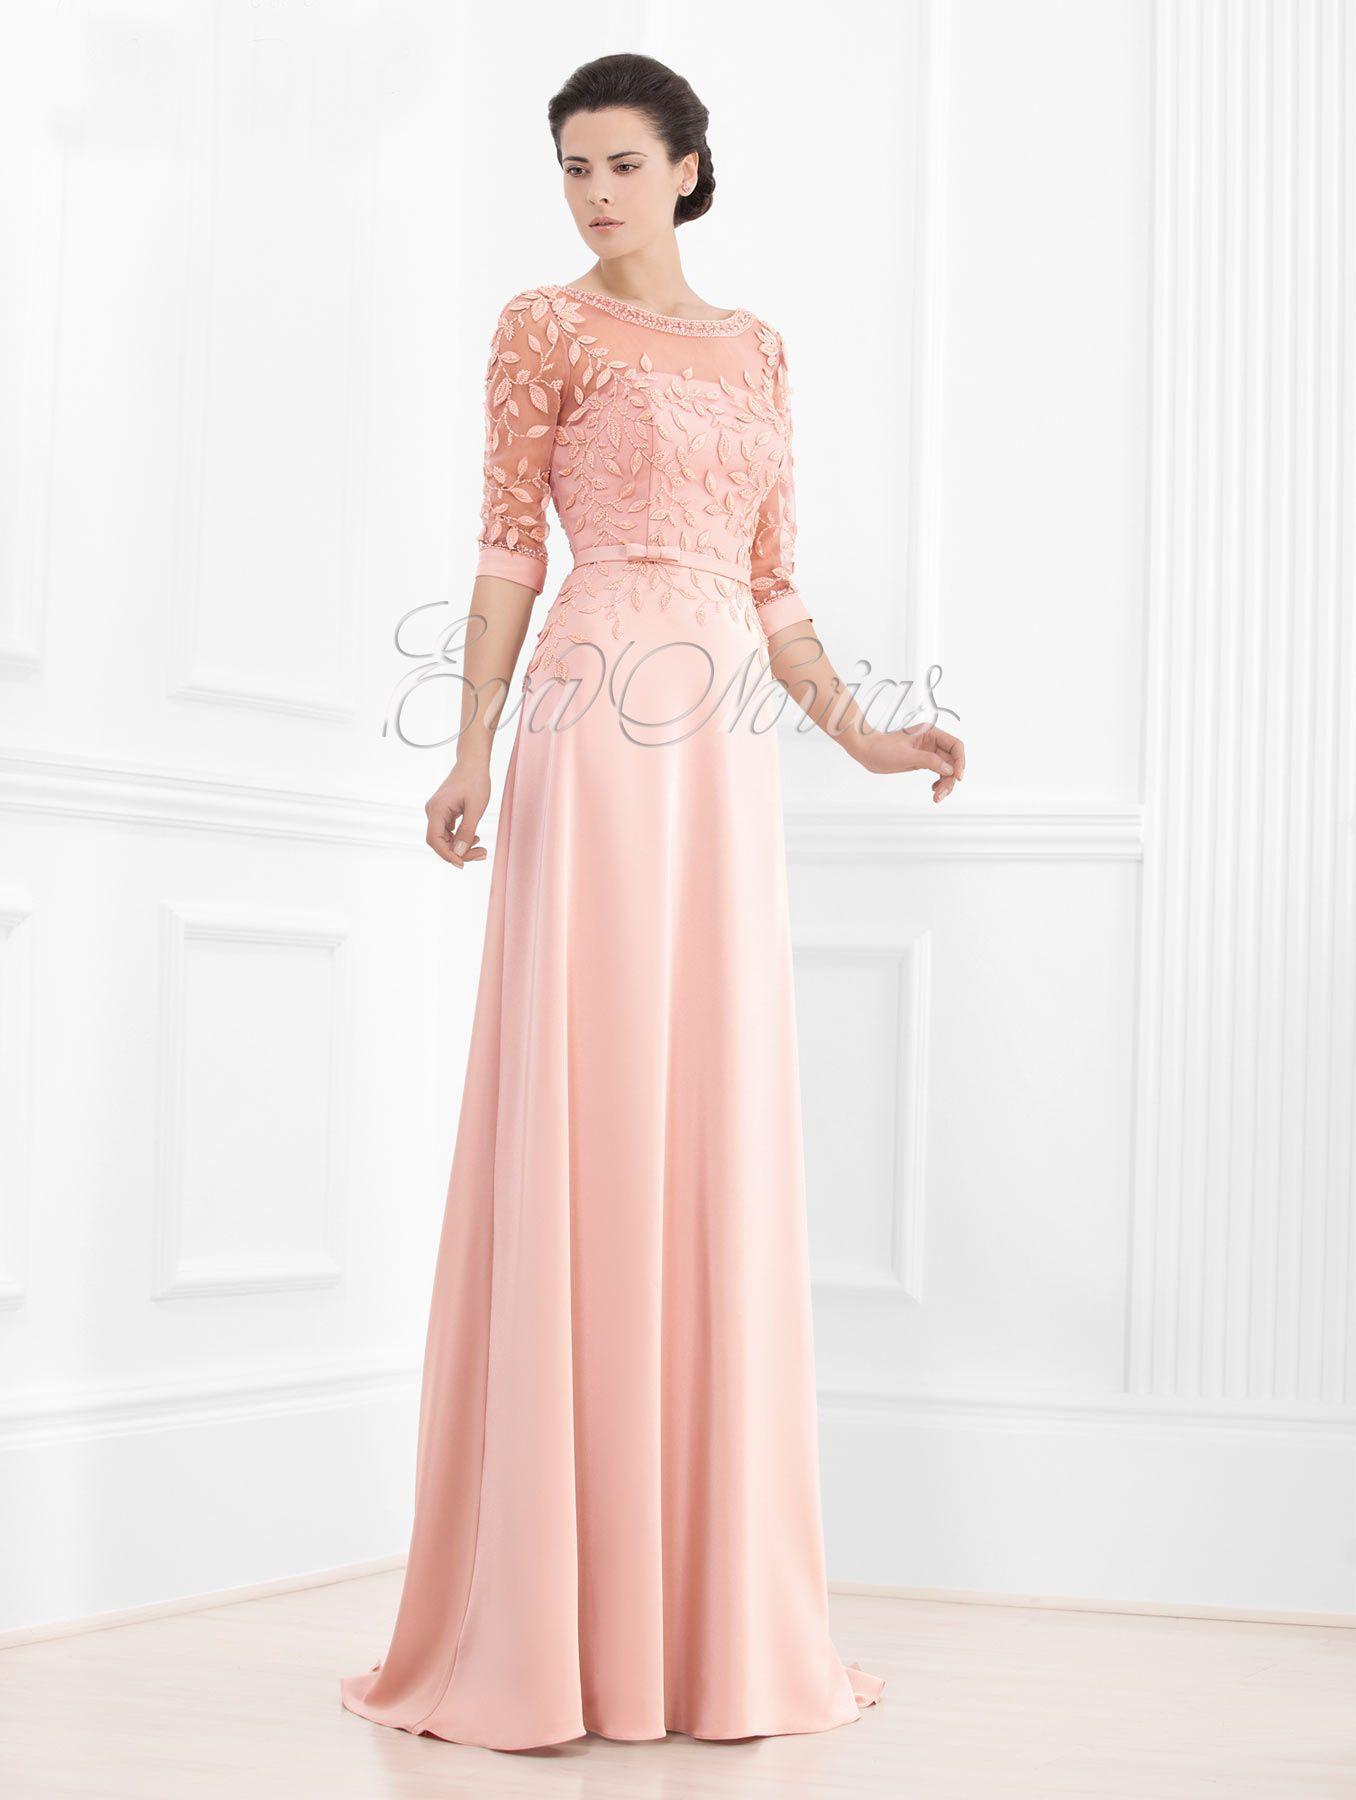 Vestido de fiesta #FranRivera modelo FRC518 en Madrid. #dress ...